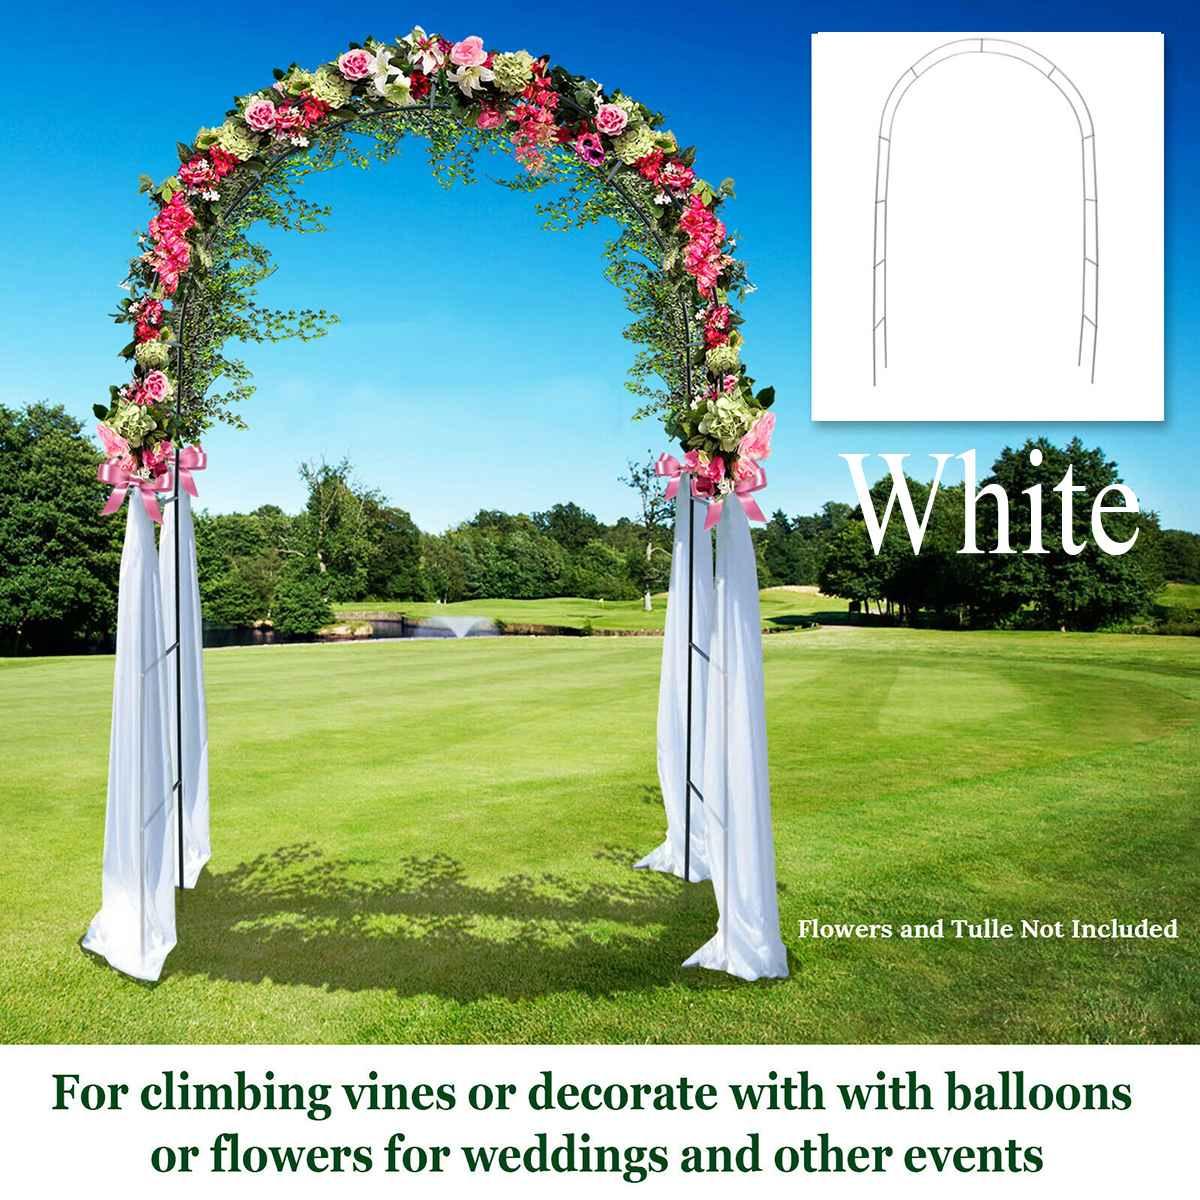 Белые металлические арки вертикально основание Полюс стенд дисплей набор Свадебная вечеринка Свадебный Выпускной Сад Цветочные украшения